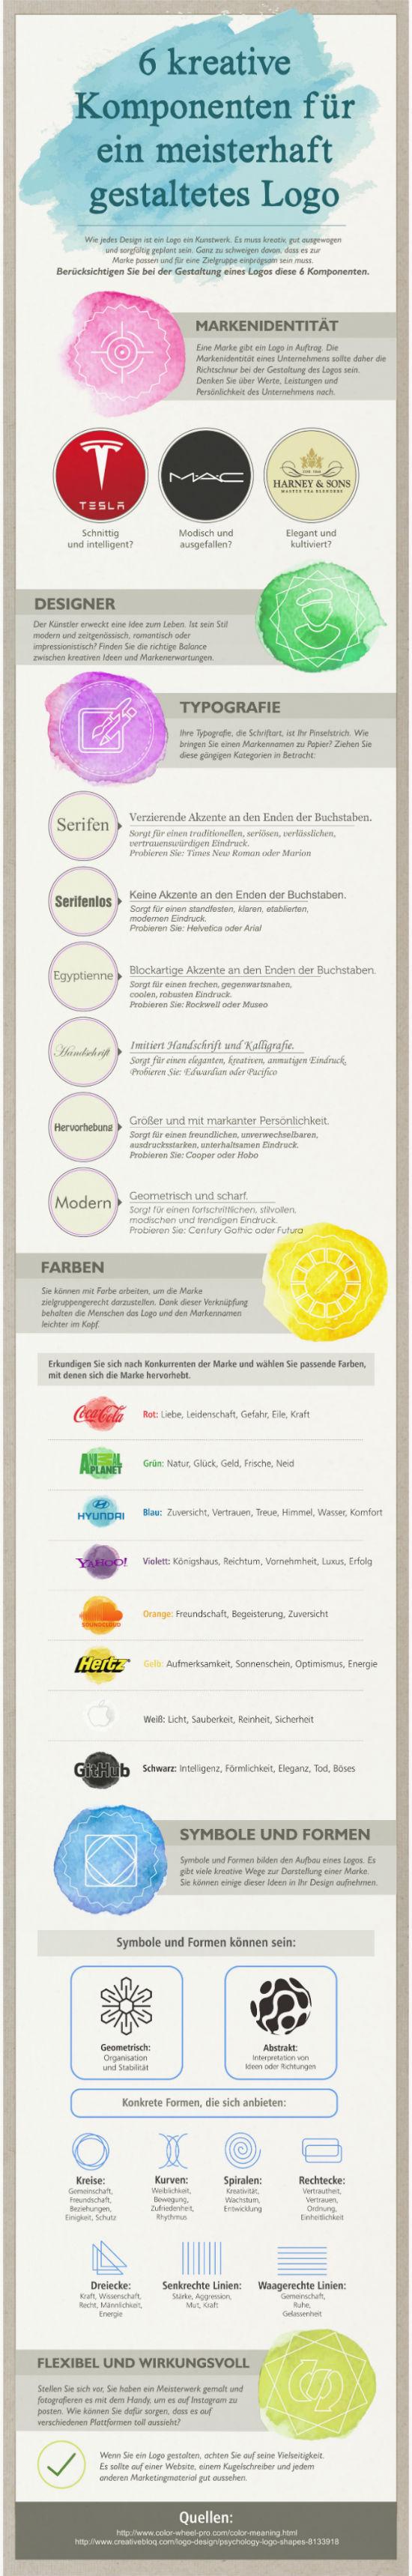 6 kreative Komponenten für ein meisterhaft gestaltetes Logo